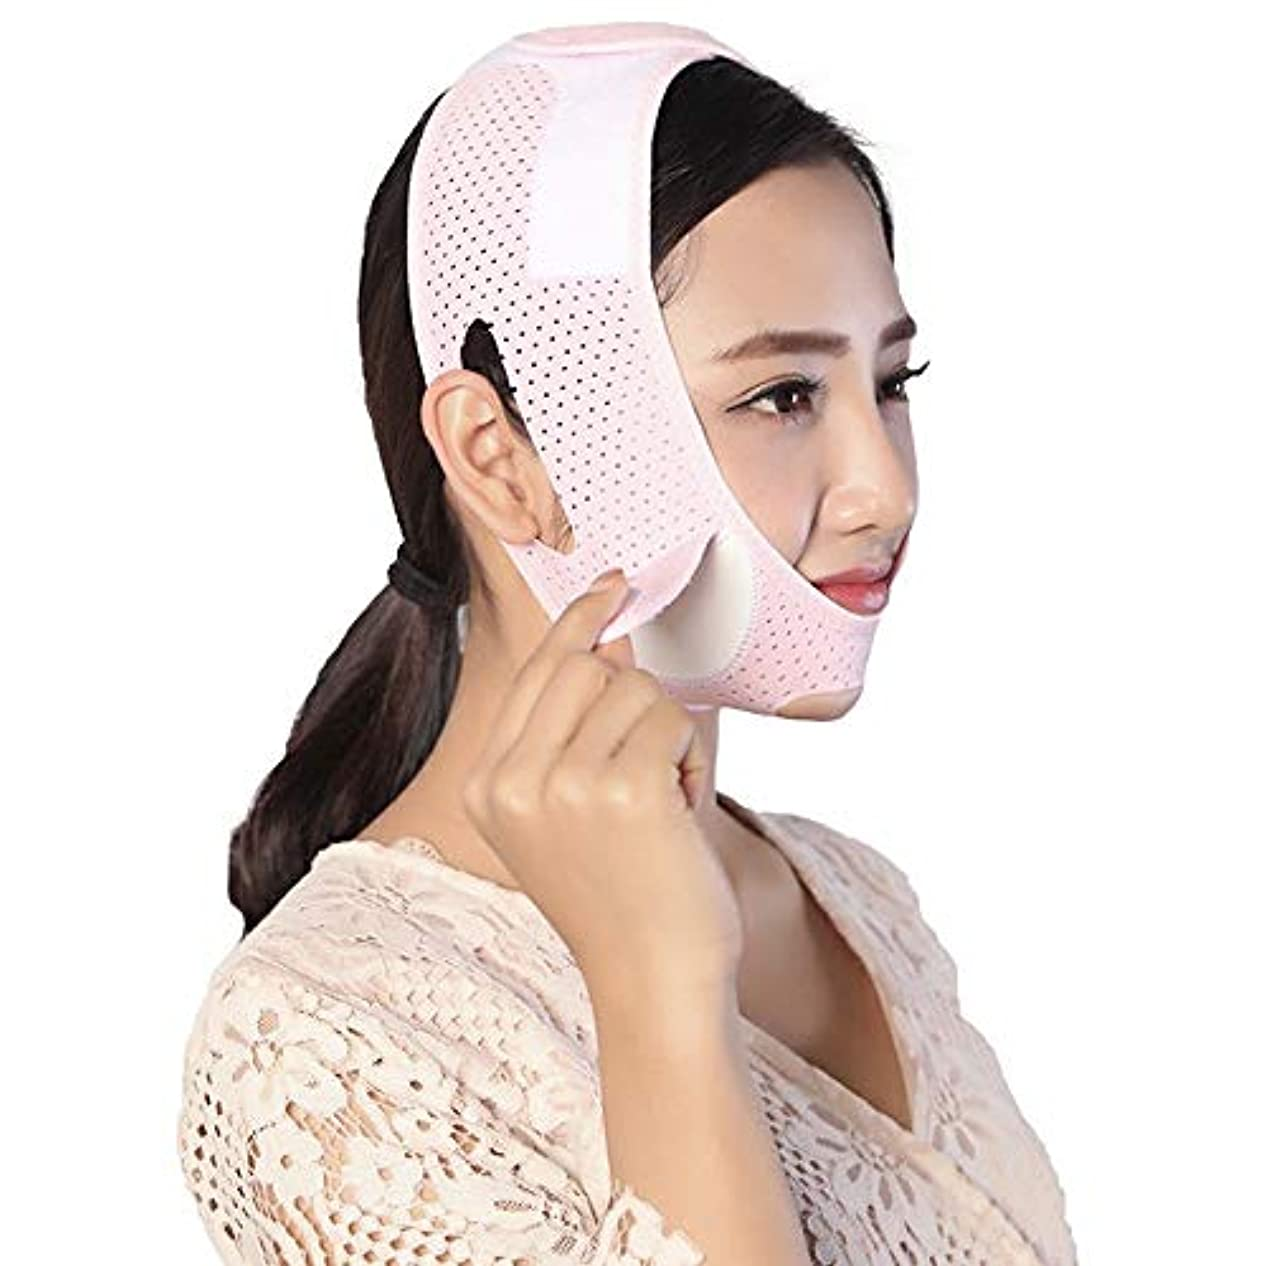 へこみディスカウントレンドXINGZHE フェイシャルリフティング痩身ベルト - 圧縮二重あご減量ベルトスキンケア薄い顔包帯 フェイスリフティングベルト